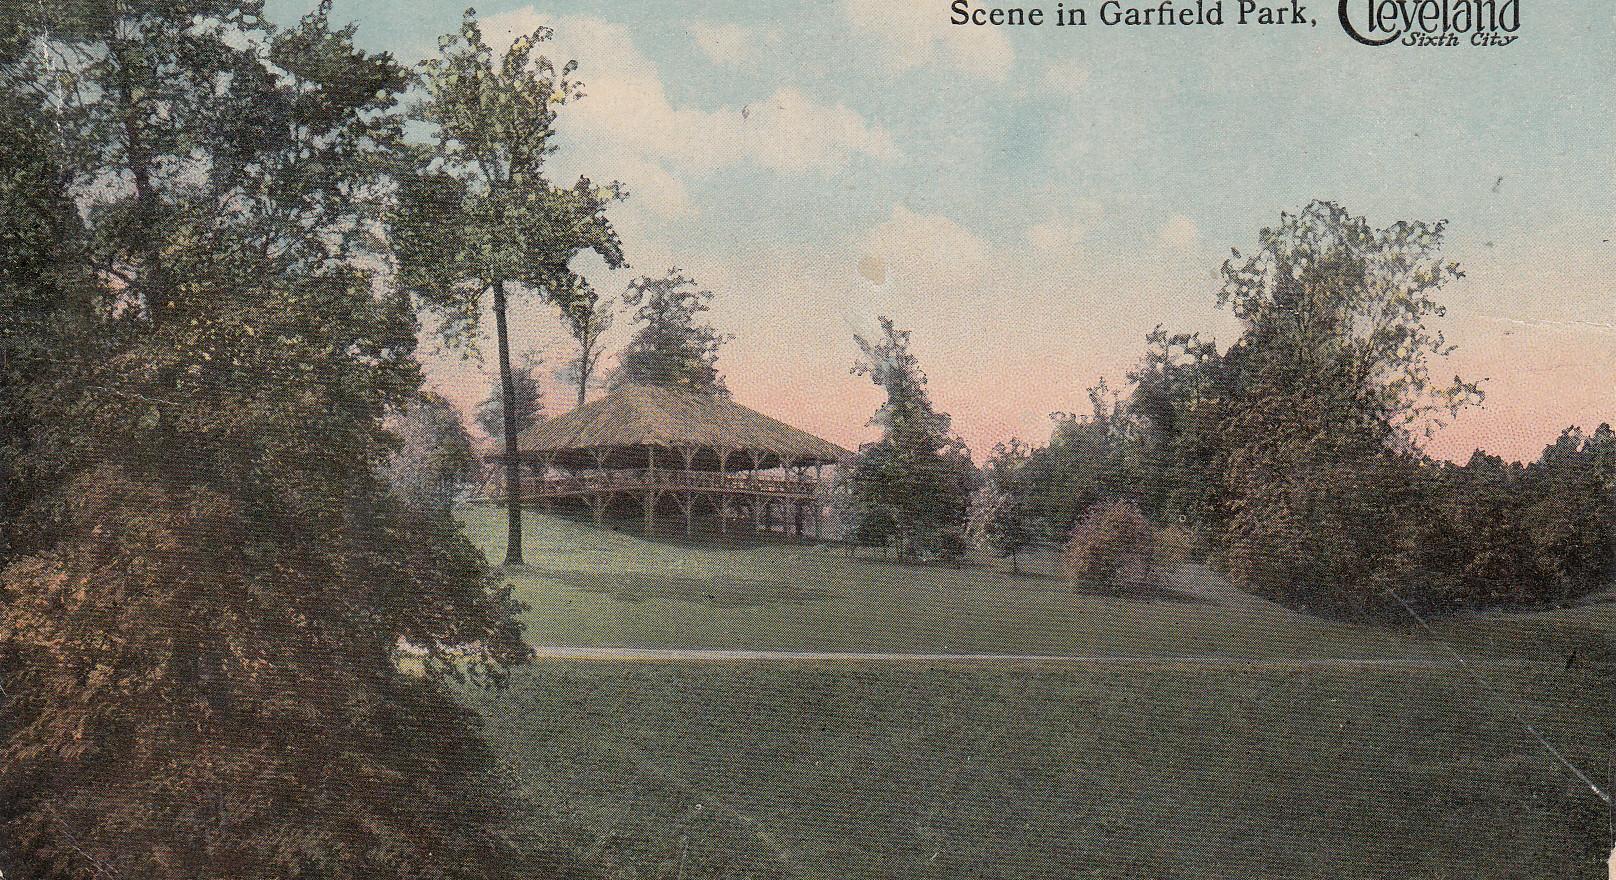 Garfield Park scenes 1910 to 1920 - Copy